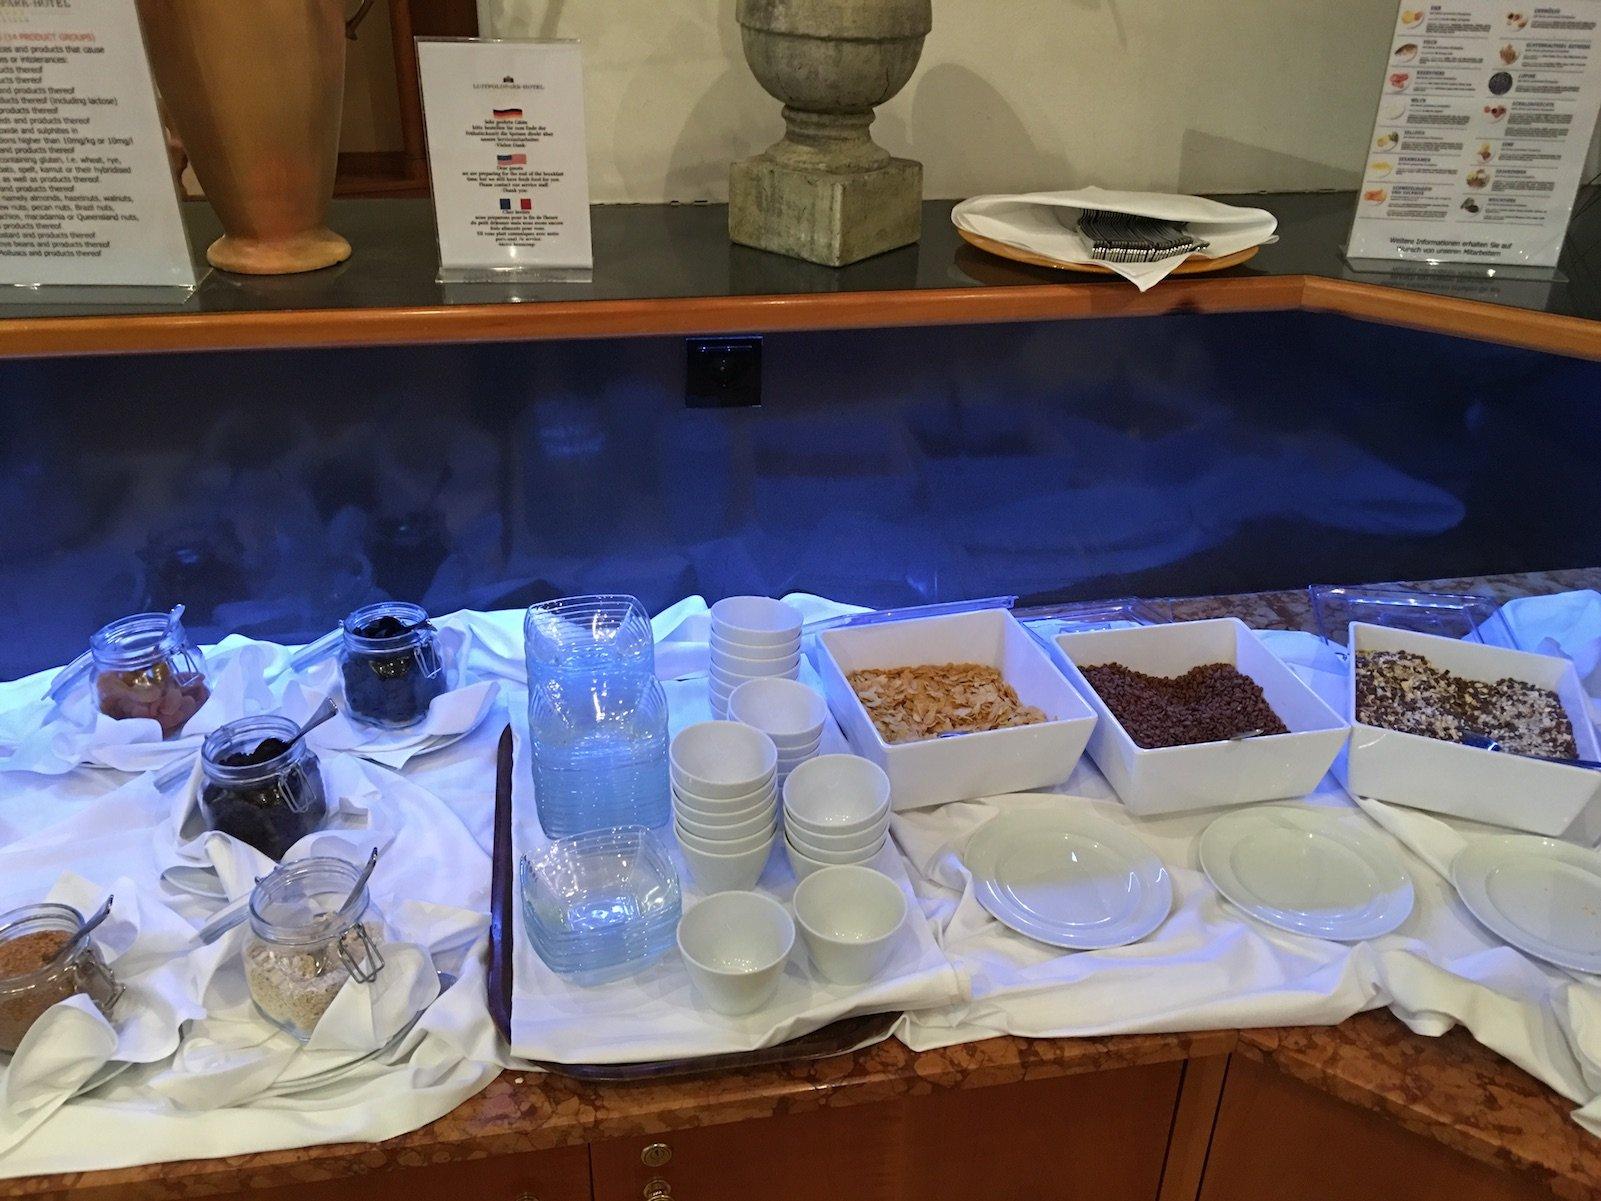 Müsli und Trockenfrüchte zur Ergänzung zum Frühstück im Luitpoldpark-Hotel in Füssen